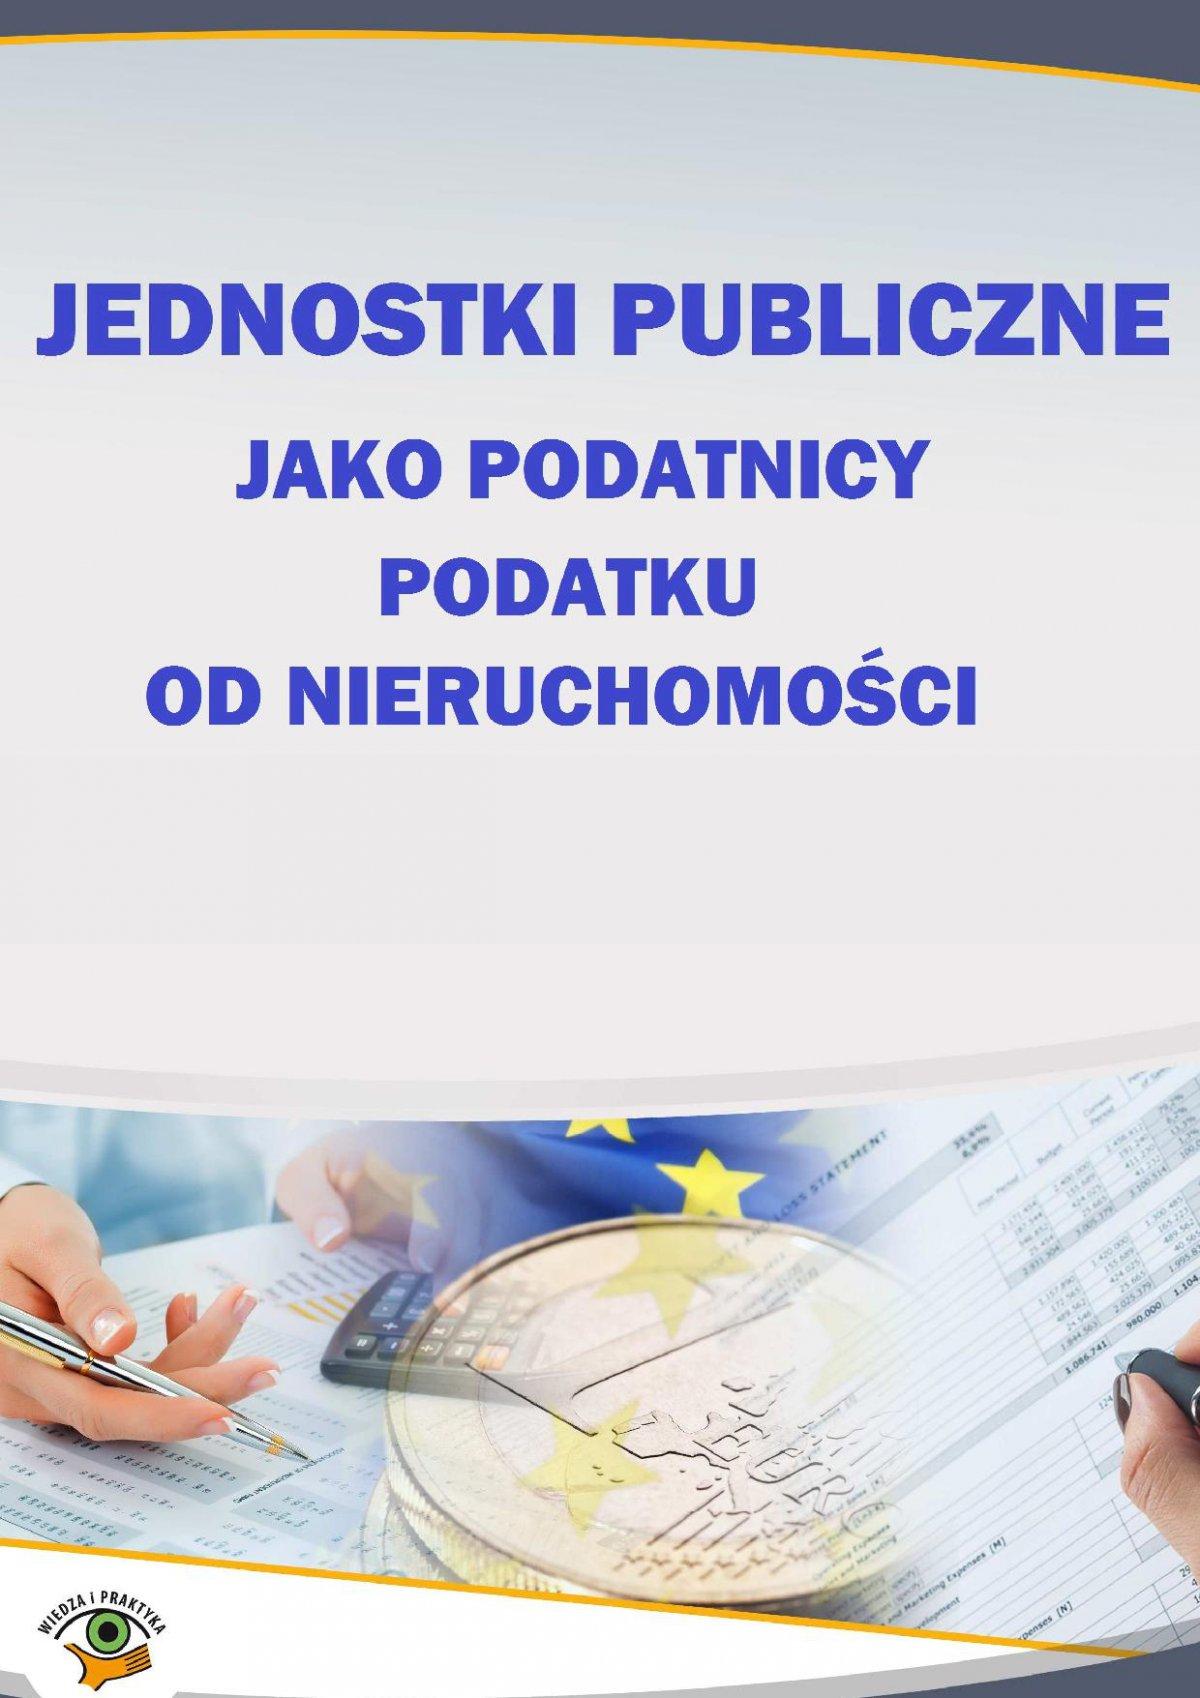 Jednostki publiczne jako podatnicy podatku od nieruchomości - Ebook (Książka PDF) do pobrania w formacie PDF